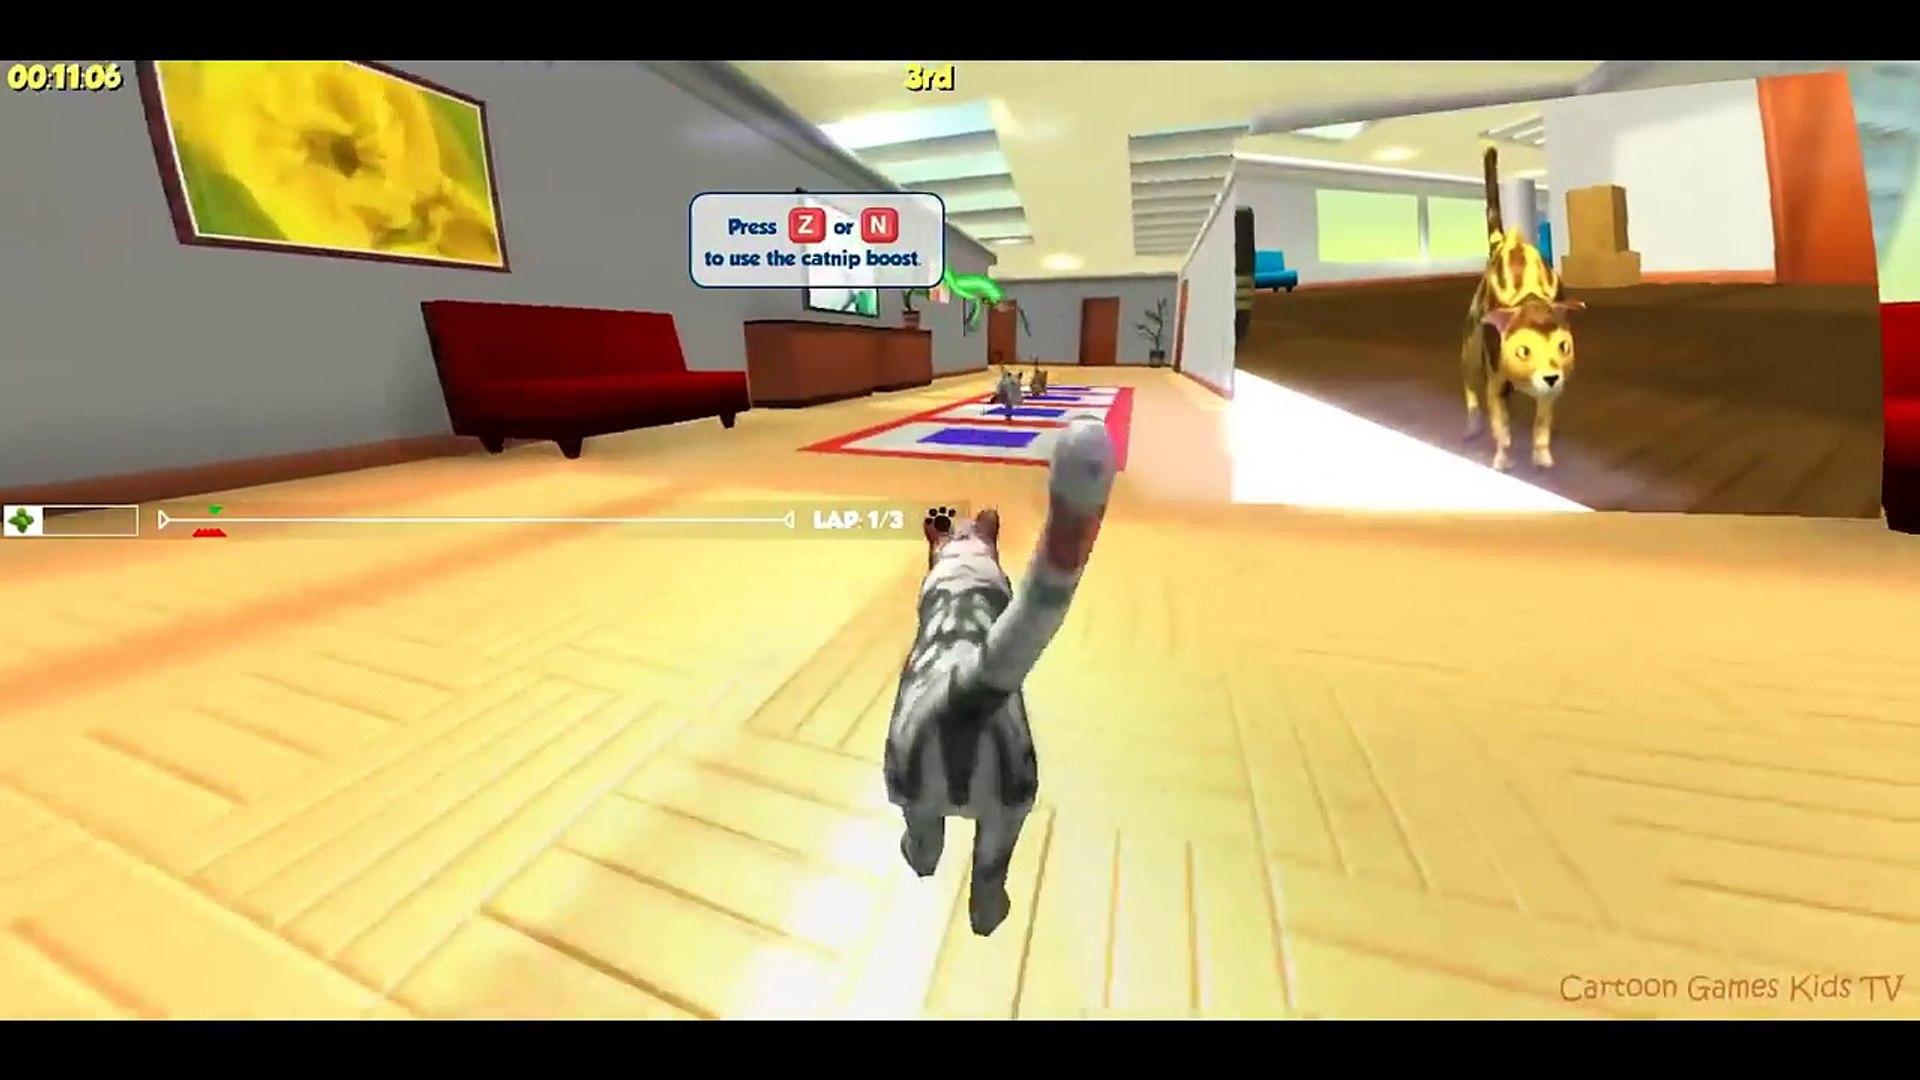 Team Drift Cats - Cartoon Games Kids TV